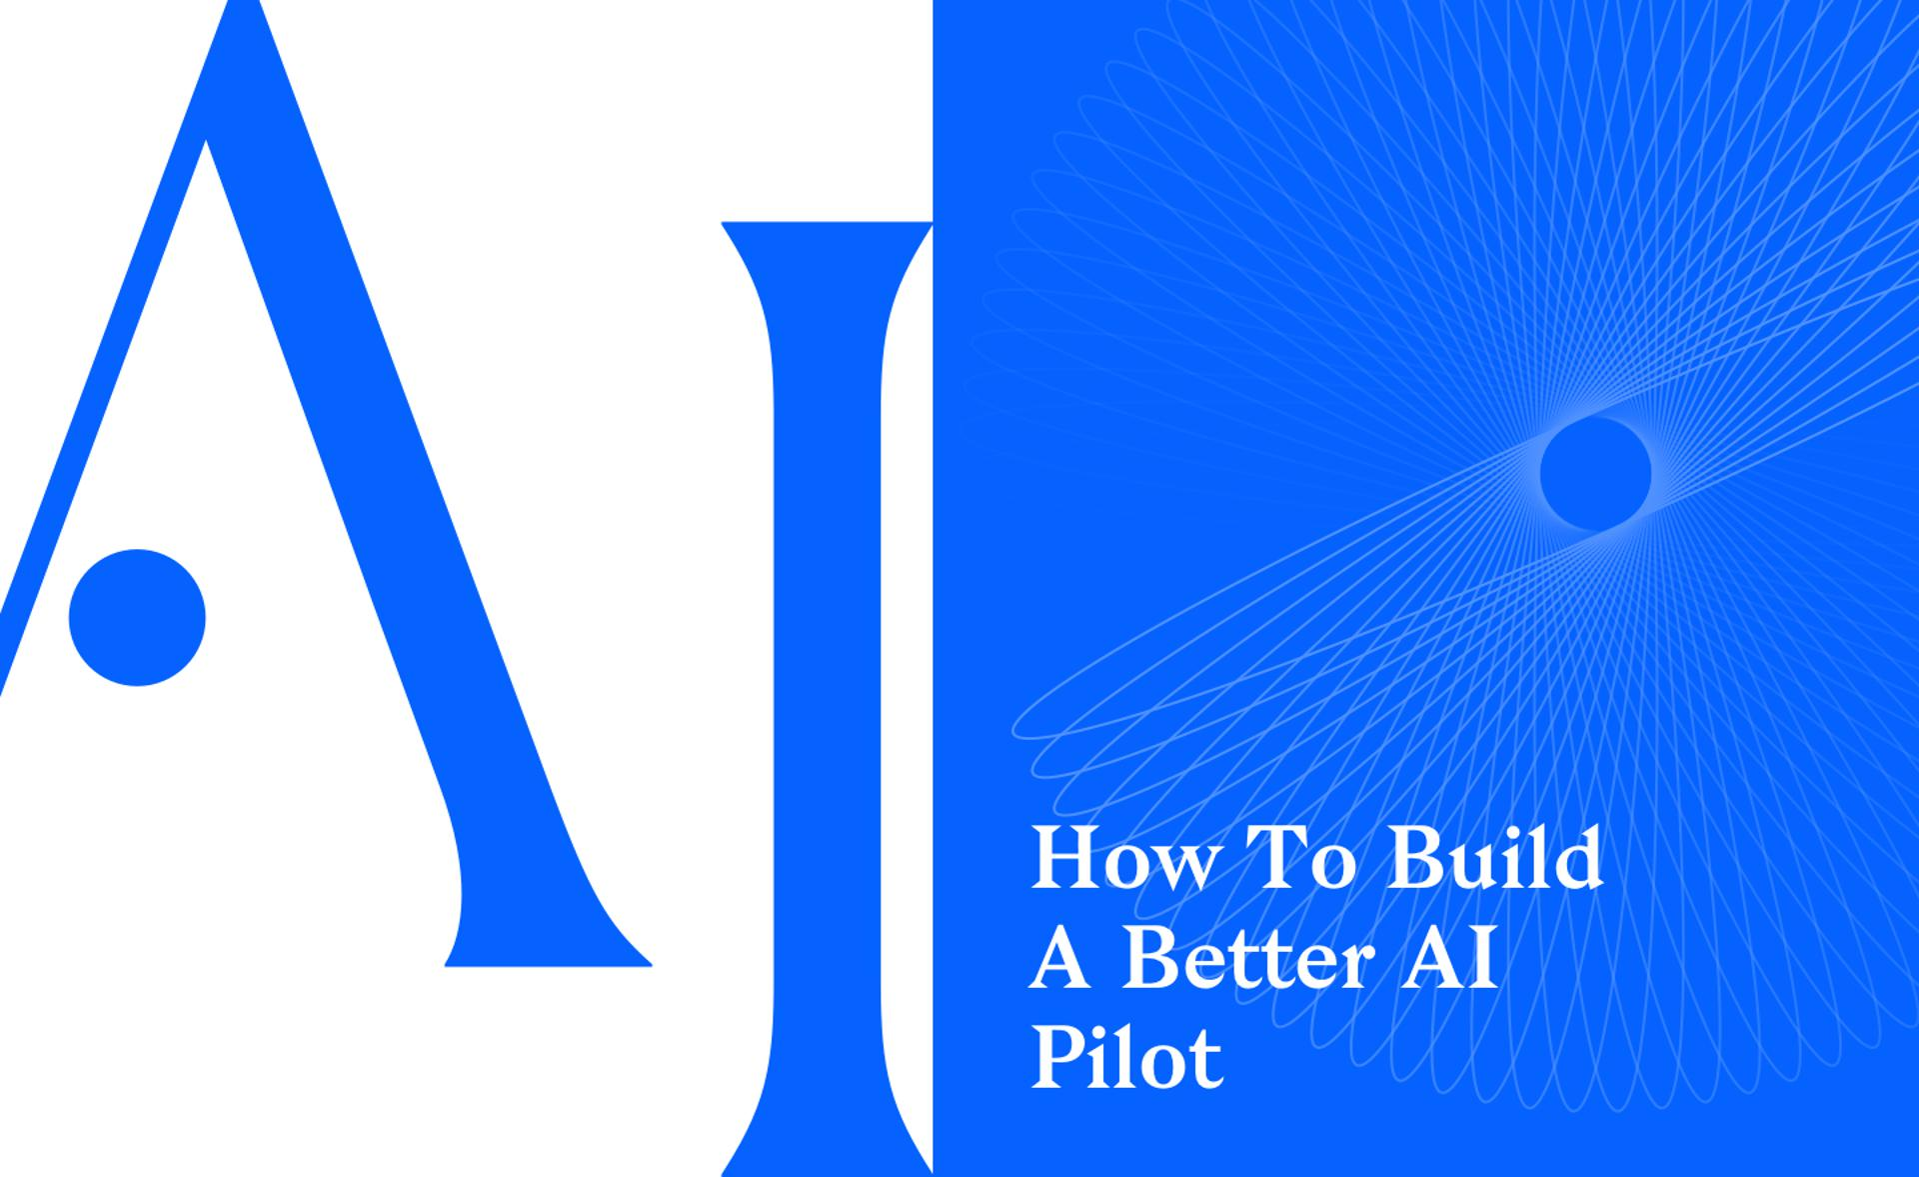 IBM AI BrandVoice: How To Build A Better AI Pilot